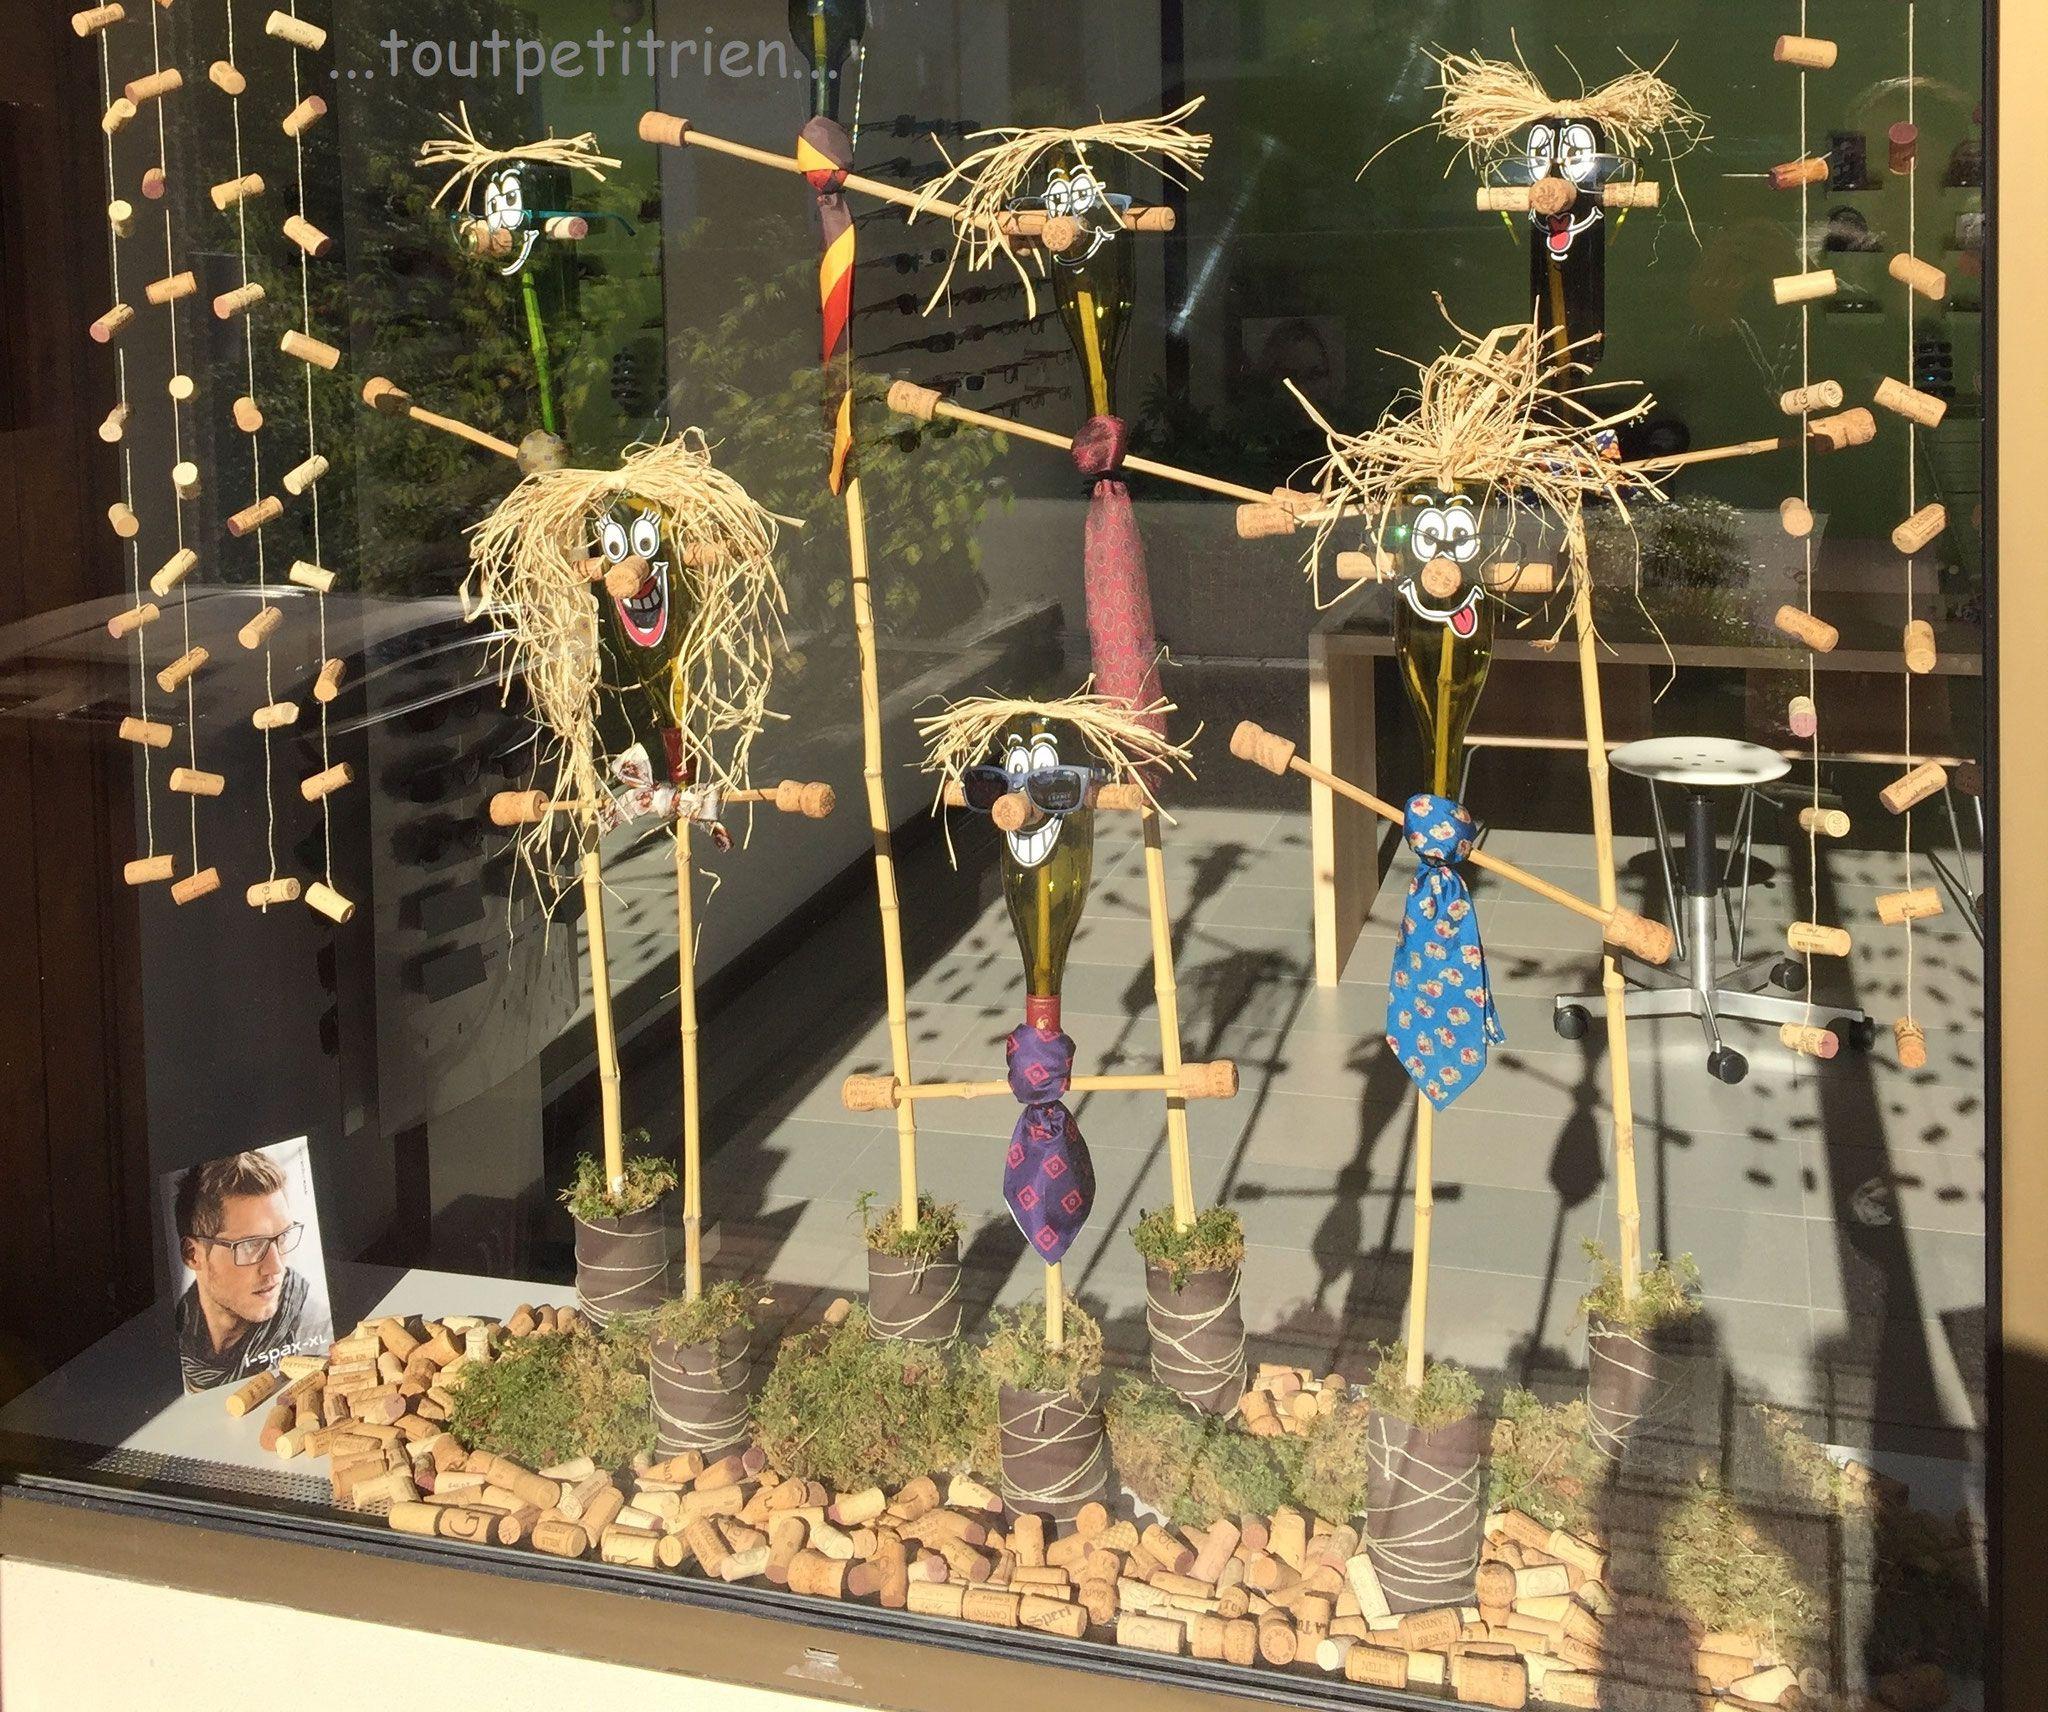 Decoration Vitrine Theme Automne : Décoration automne vitrines magasin d optique recyclage